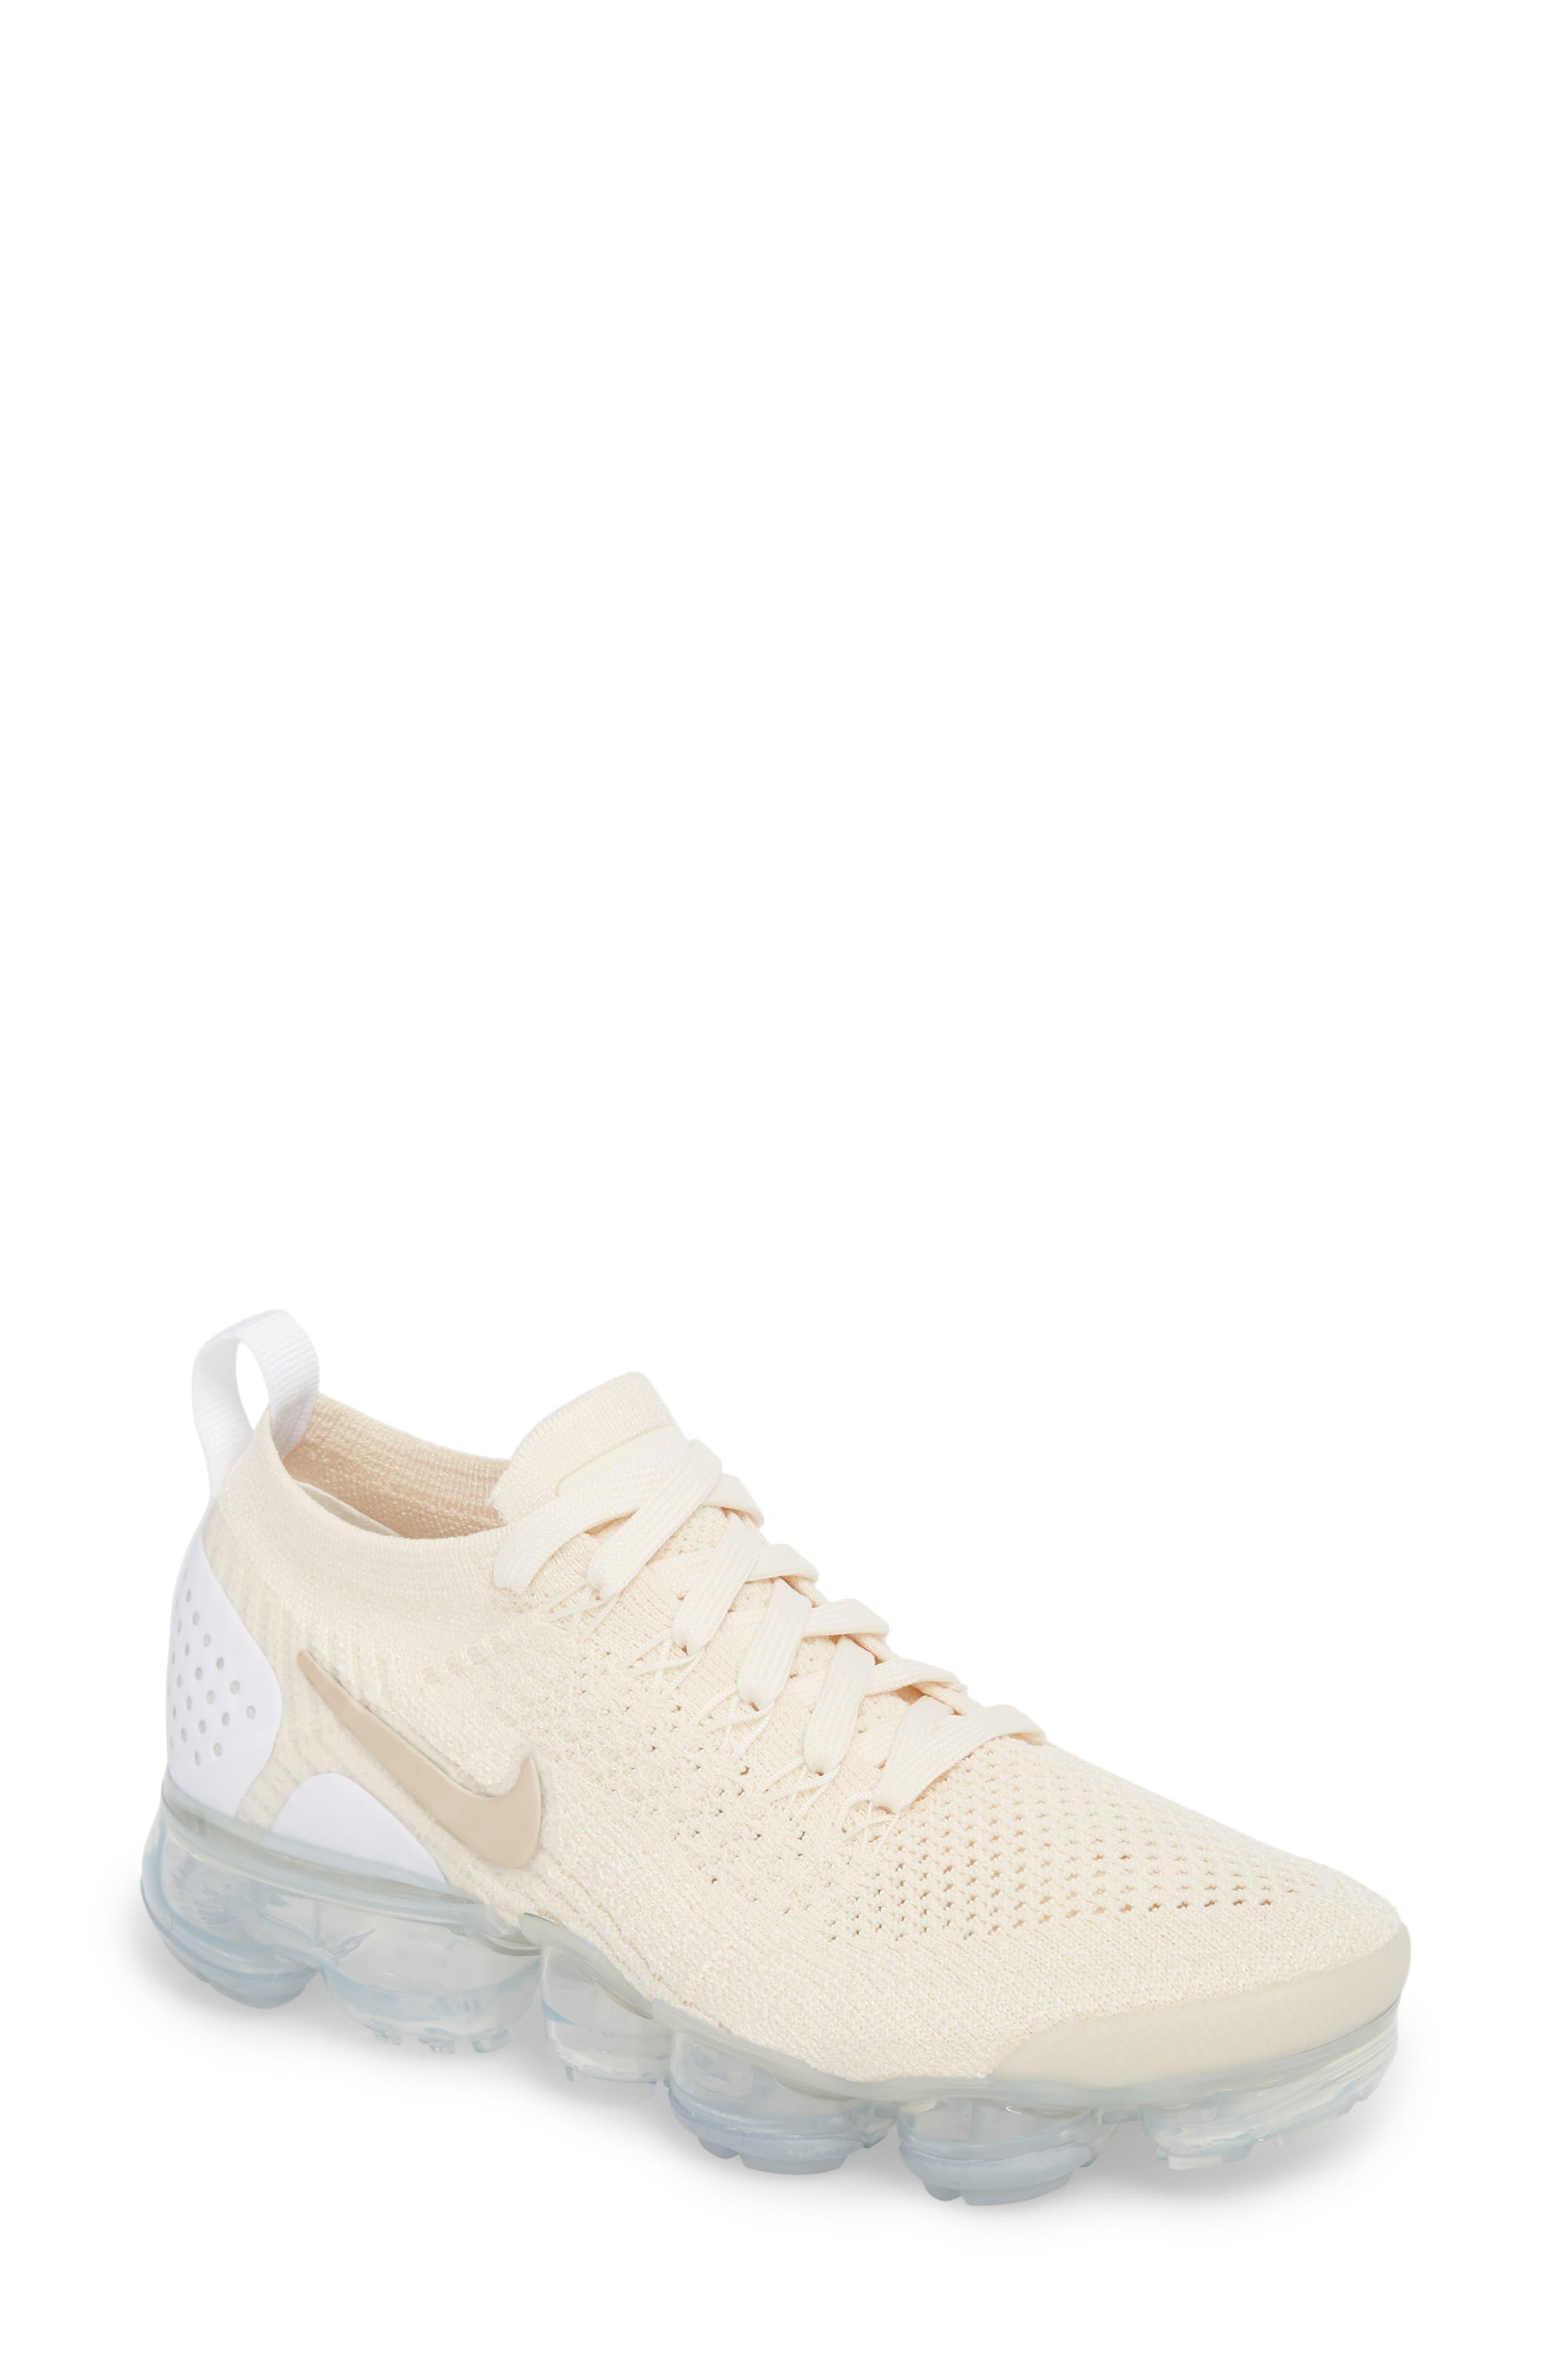 Nike Air VaporMax Flyknit 2 Running Shoe Women